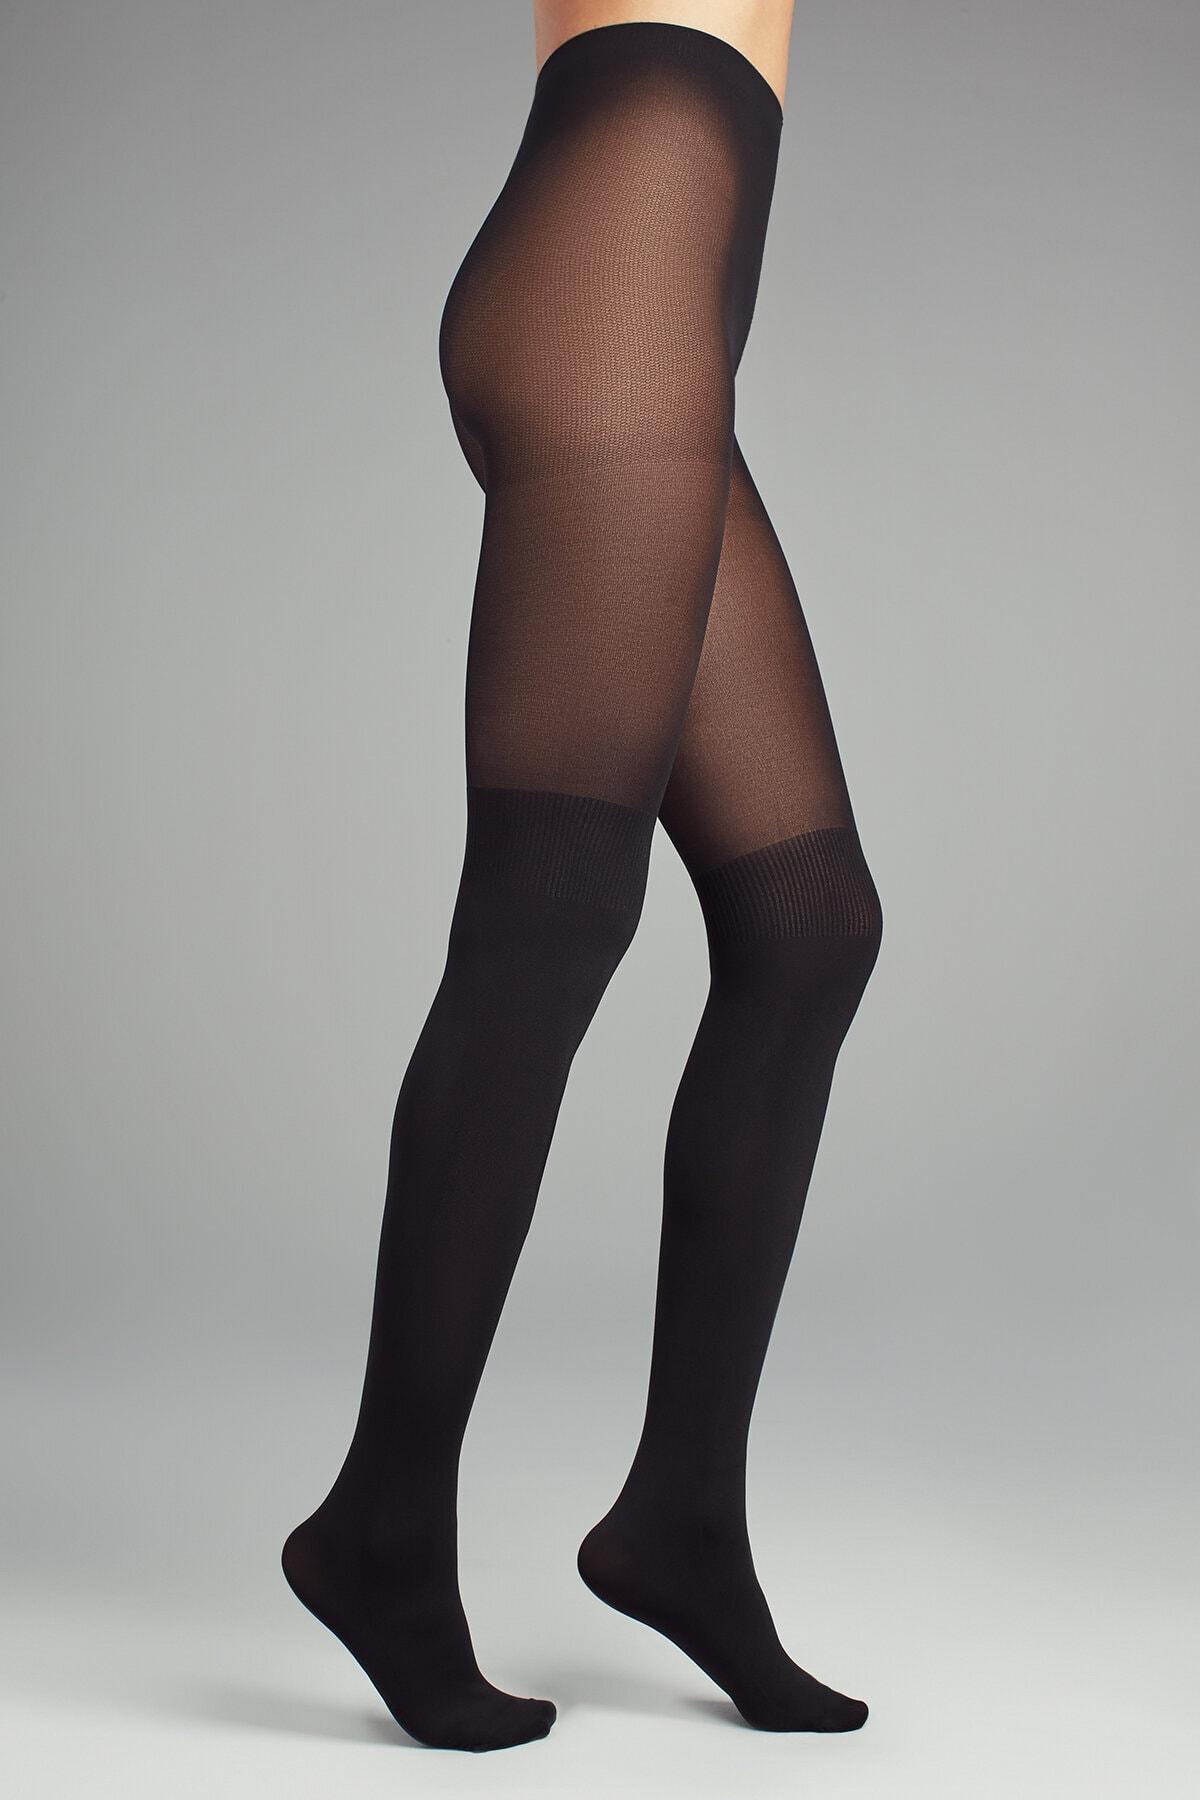 Penti Kadın Siyah Over Knee Külotlu Çorap